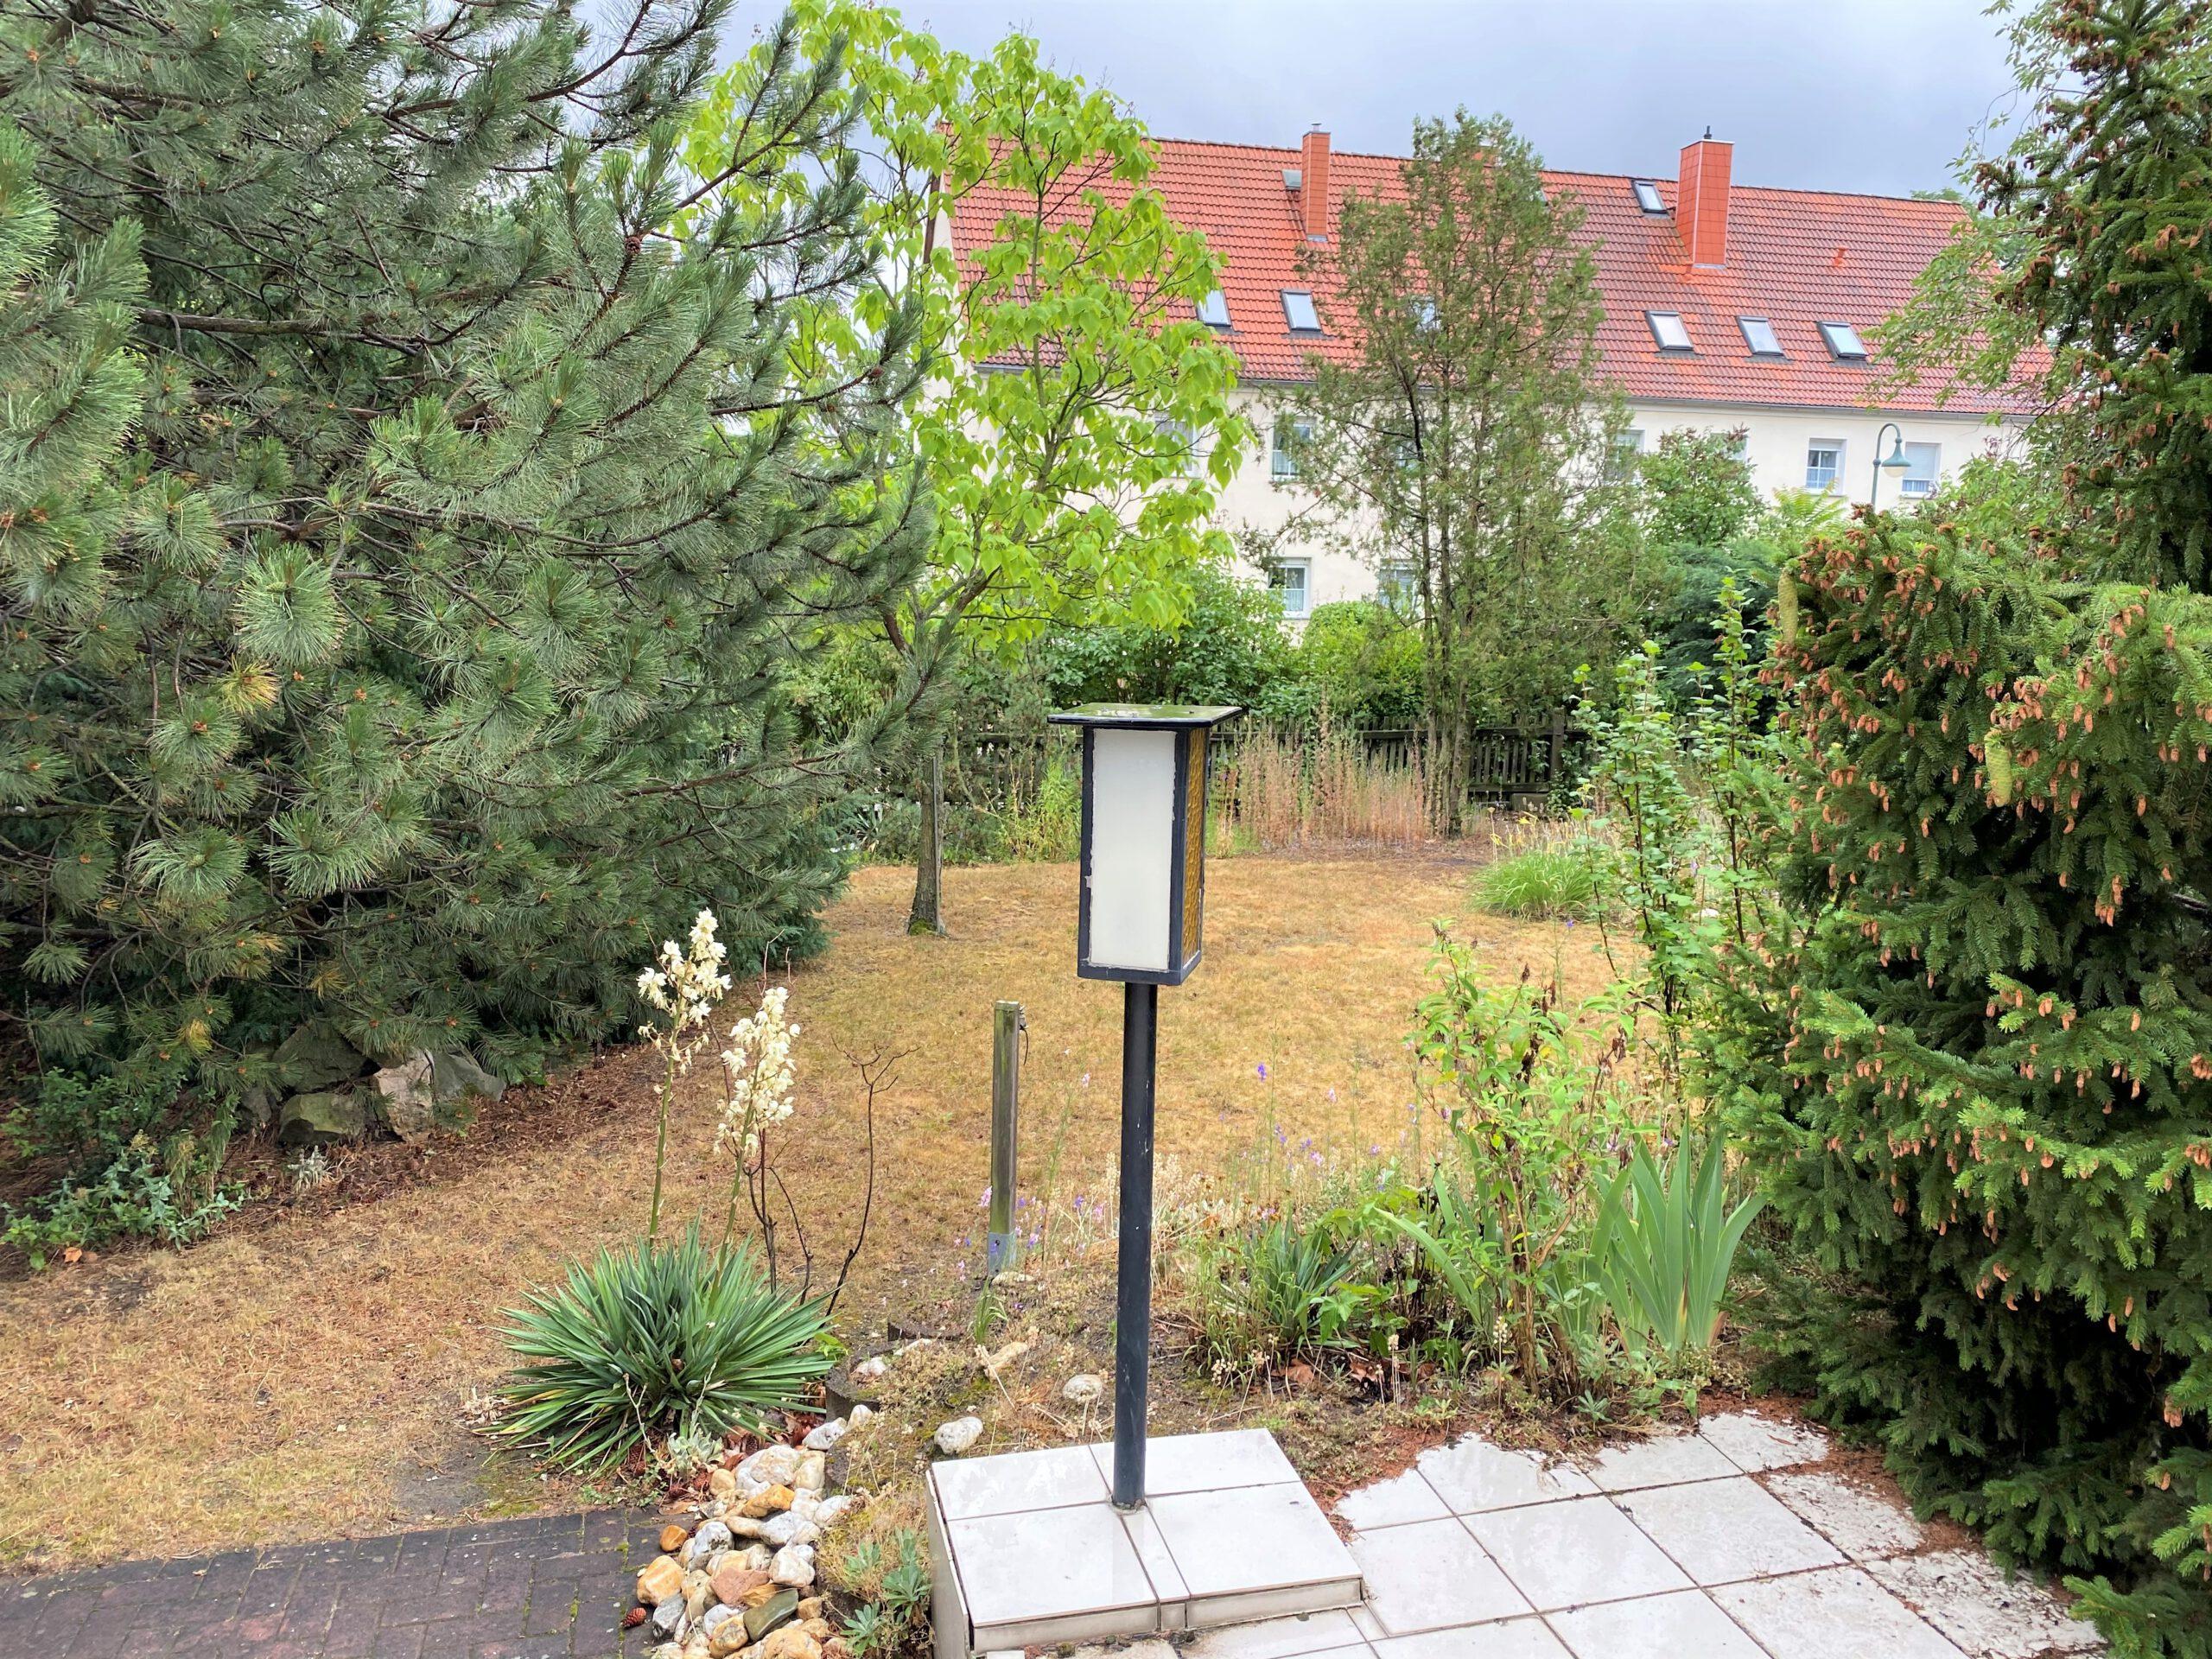 Einfamilienhaus in Leuna - Terrassenblick